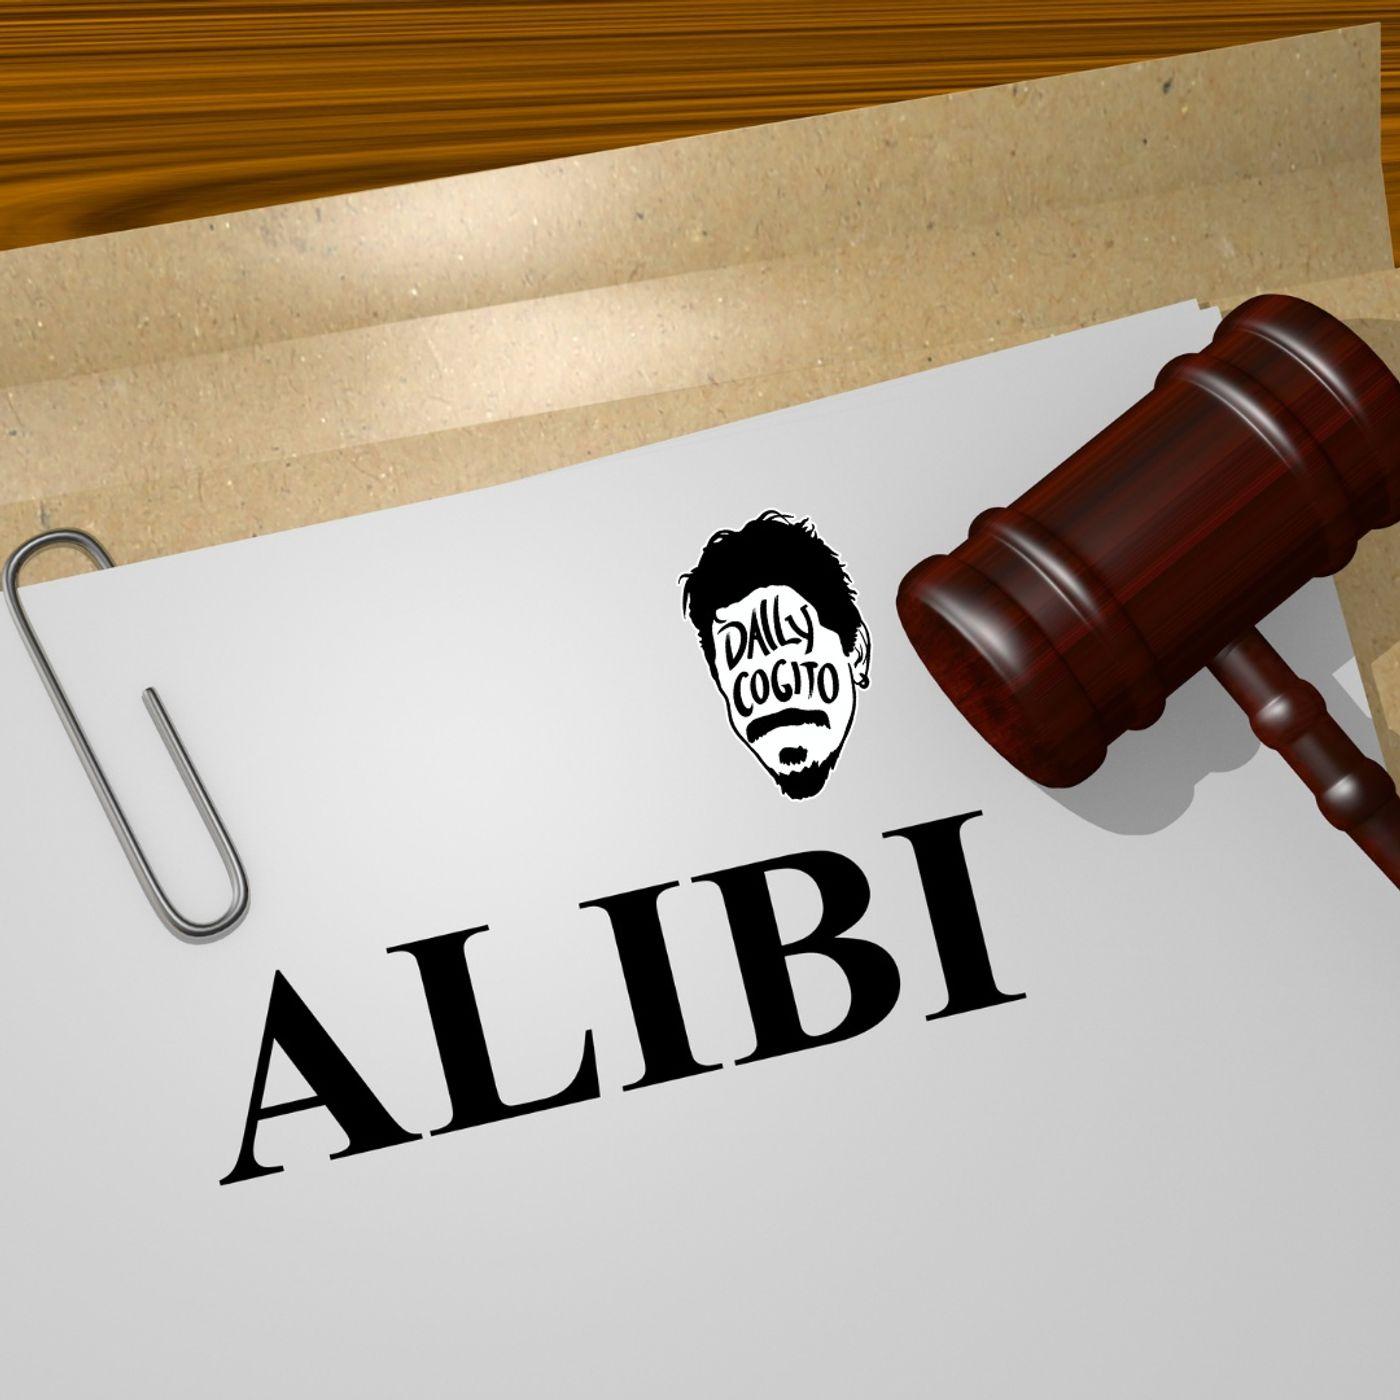 Smettila di cercare Alibi: auto-indulgenza, severità e obiettivi